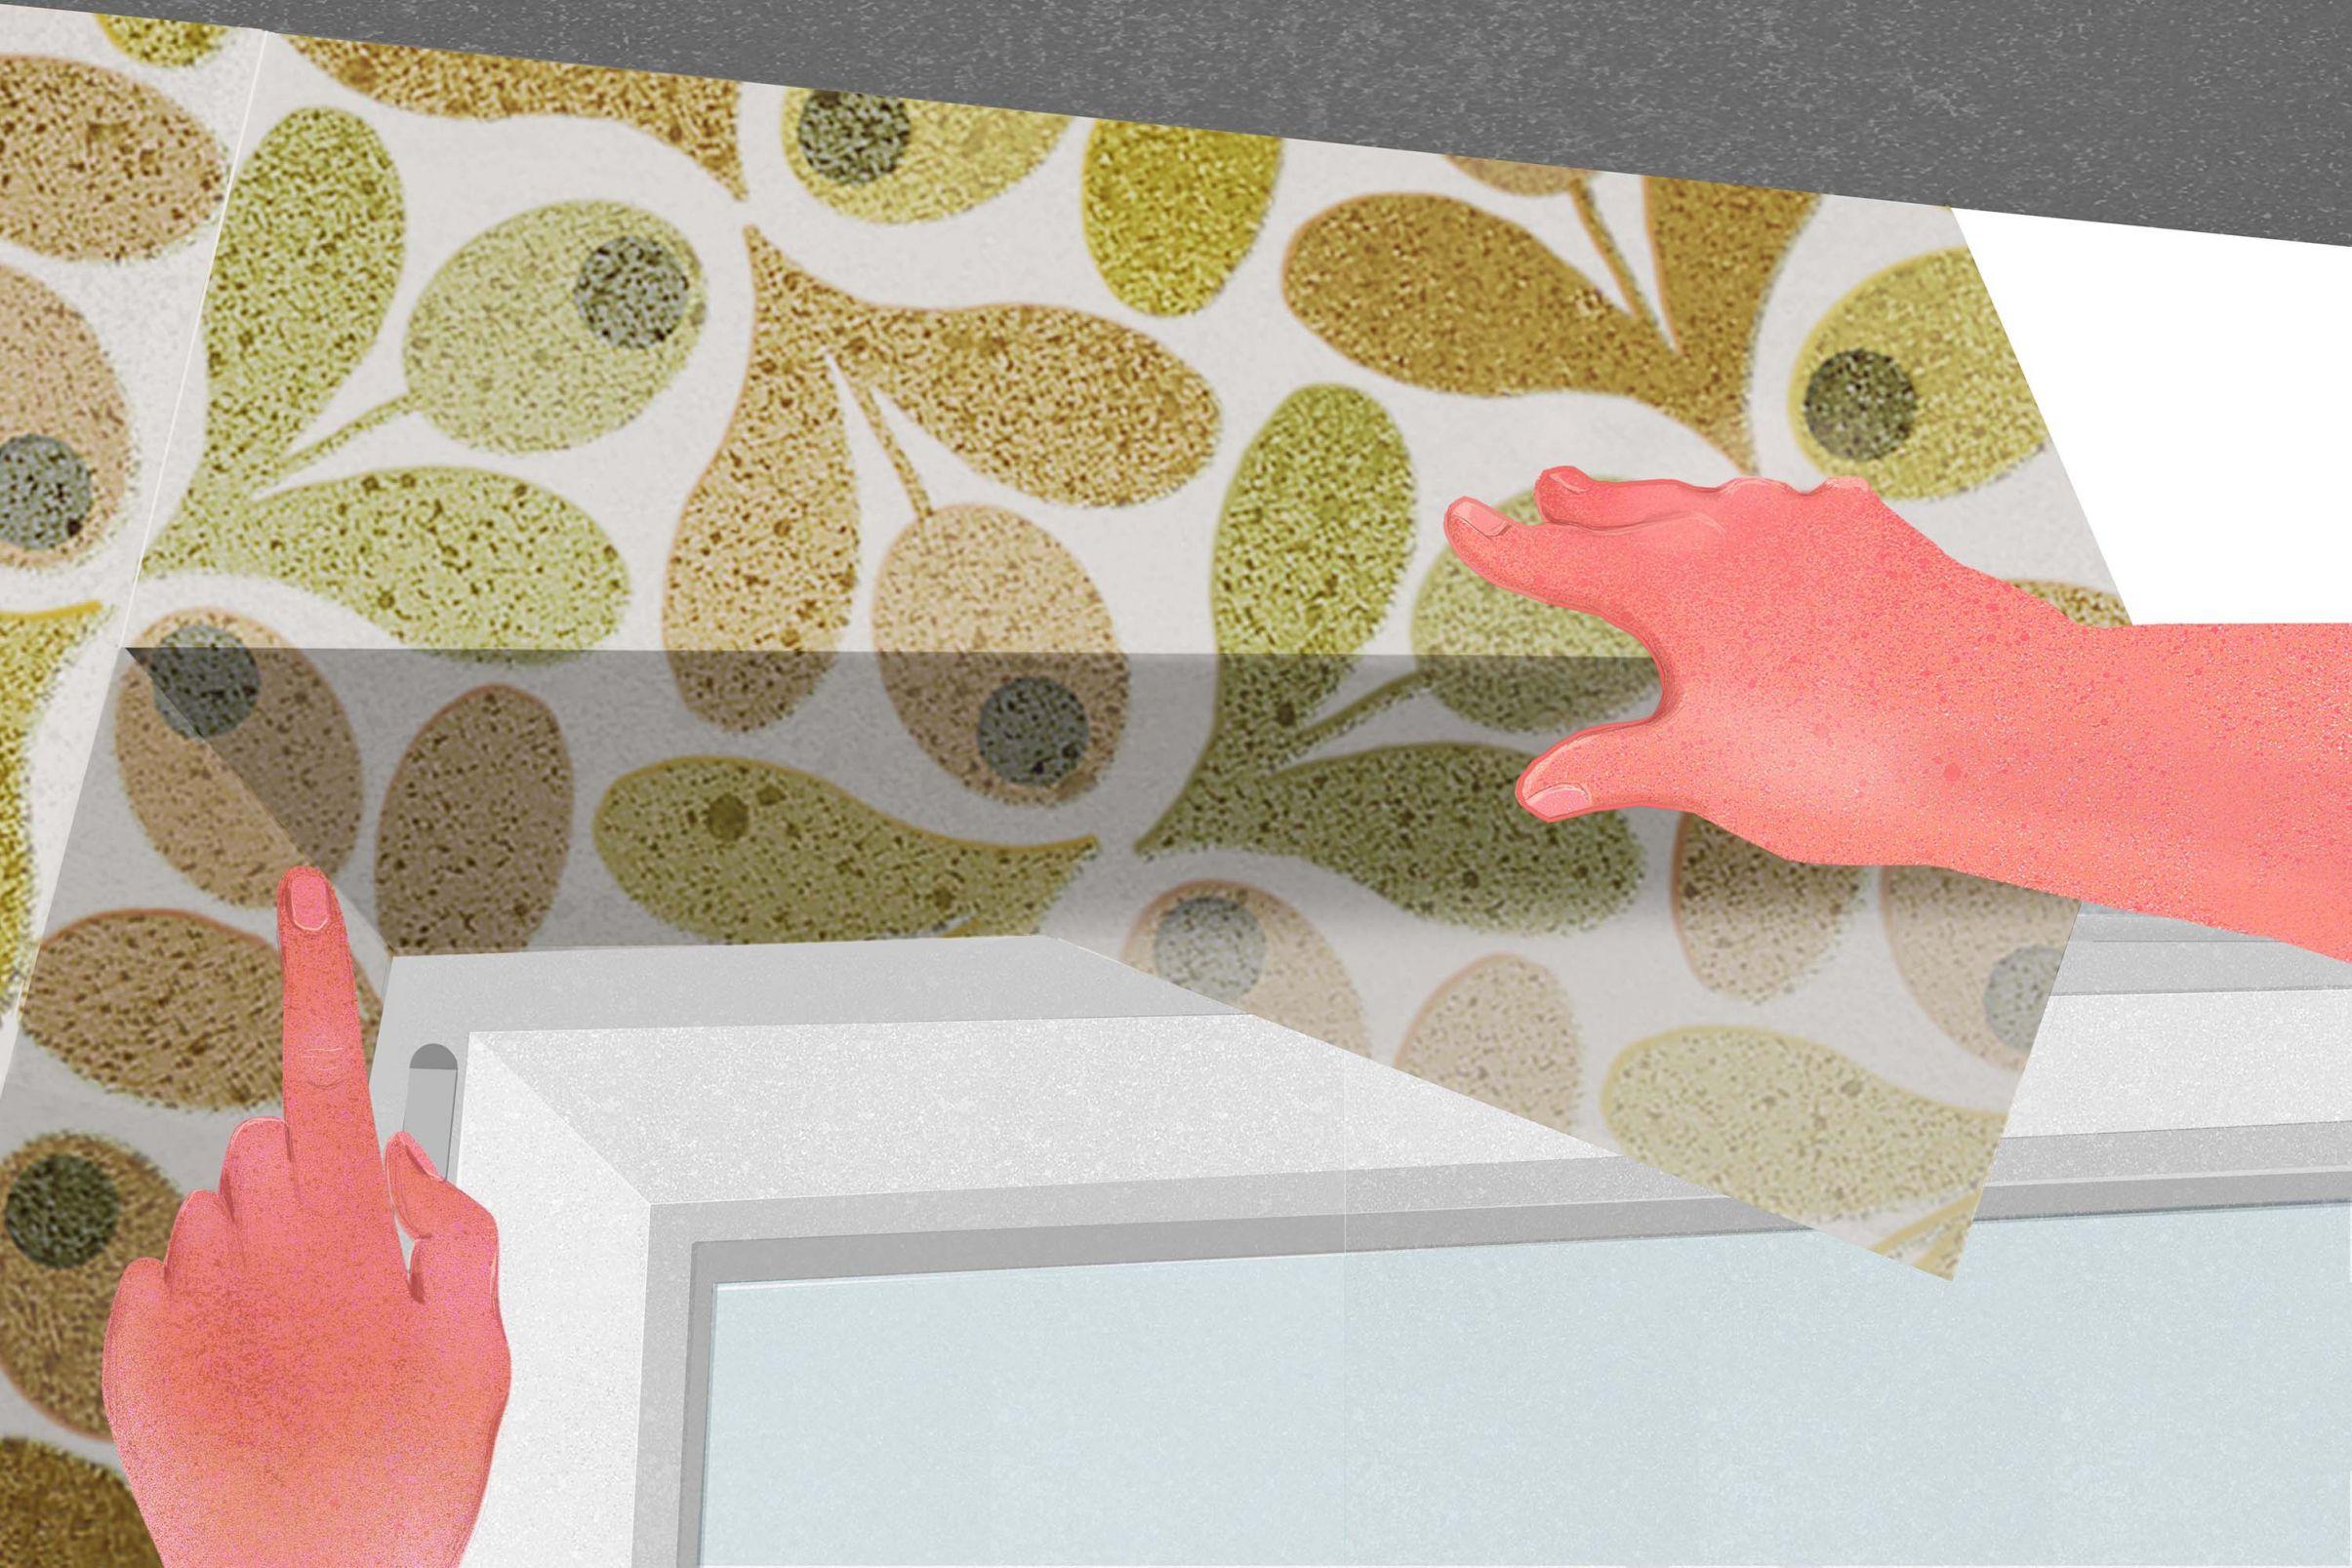 Wie-tapeziere-ich-um-Fenster-und-Tueren-Erste-Bahn-oberhalb-des-Fensters-ueberlappend-ansetzen